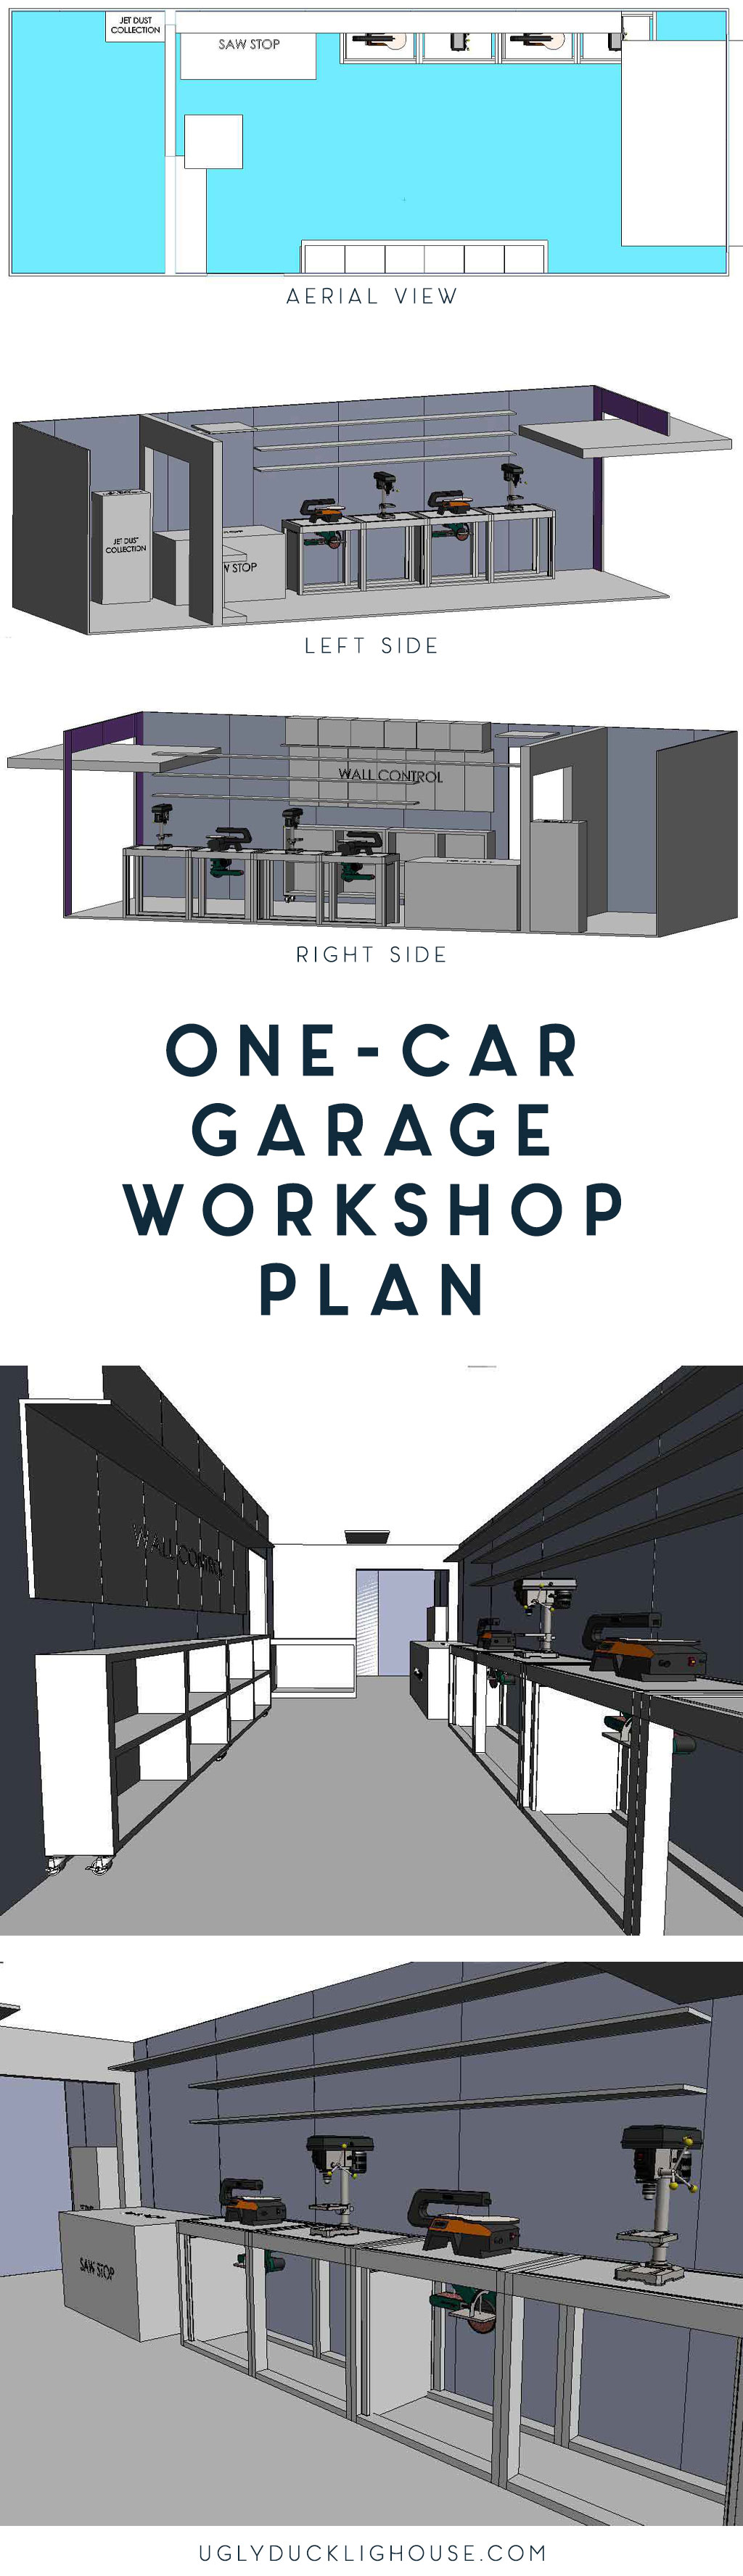 one car garage workshop plan